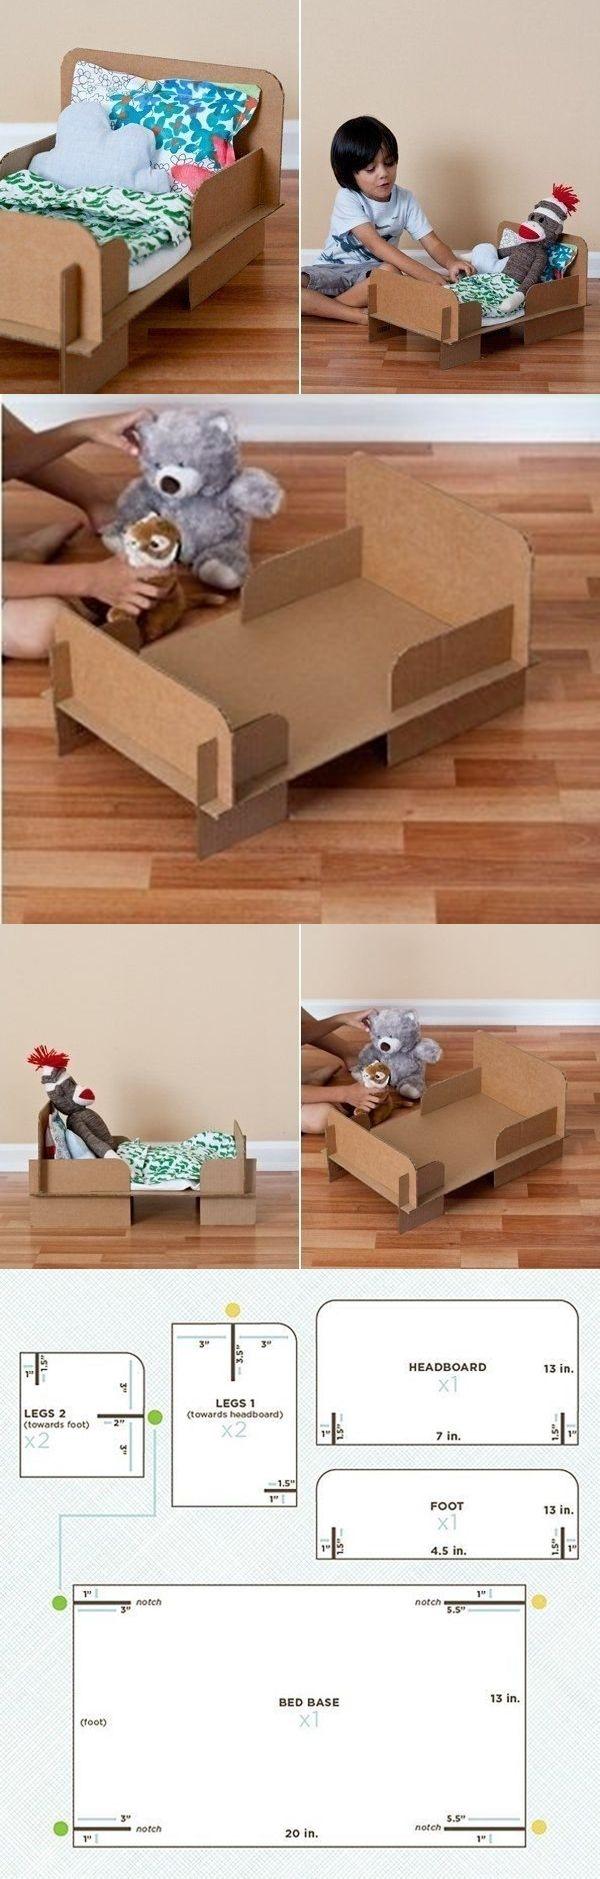 ¿Qué sueles hacer frente a las cajas de cartón? ¿Tíralos? Ahora podemos hacerlos para los niños. Este proyecto es atractivo, porque todas las piezas de cie